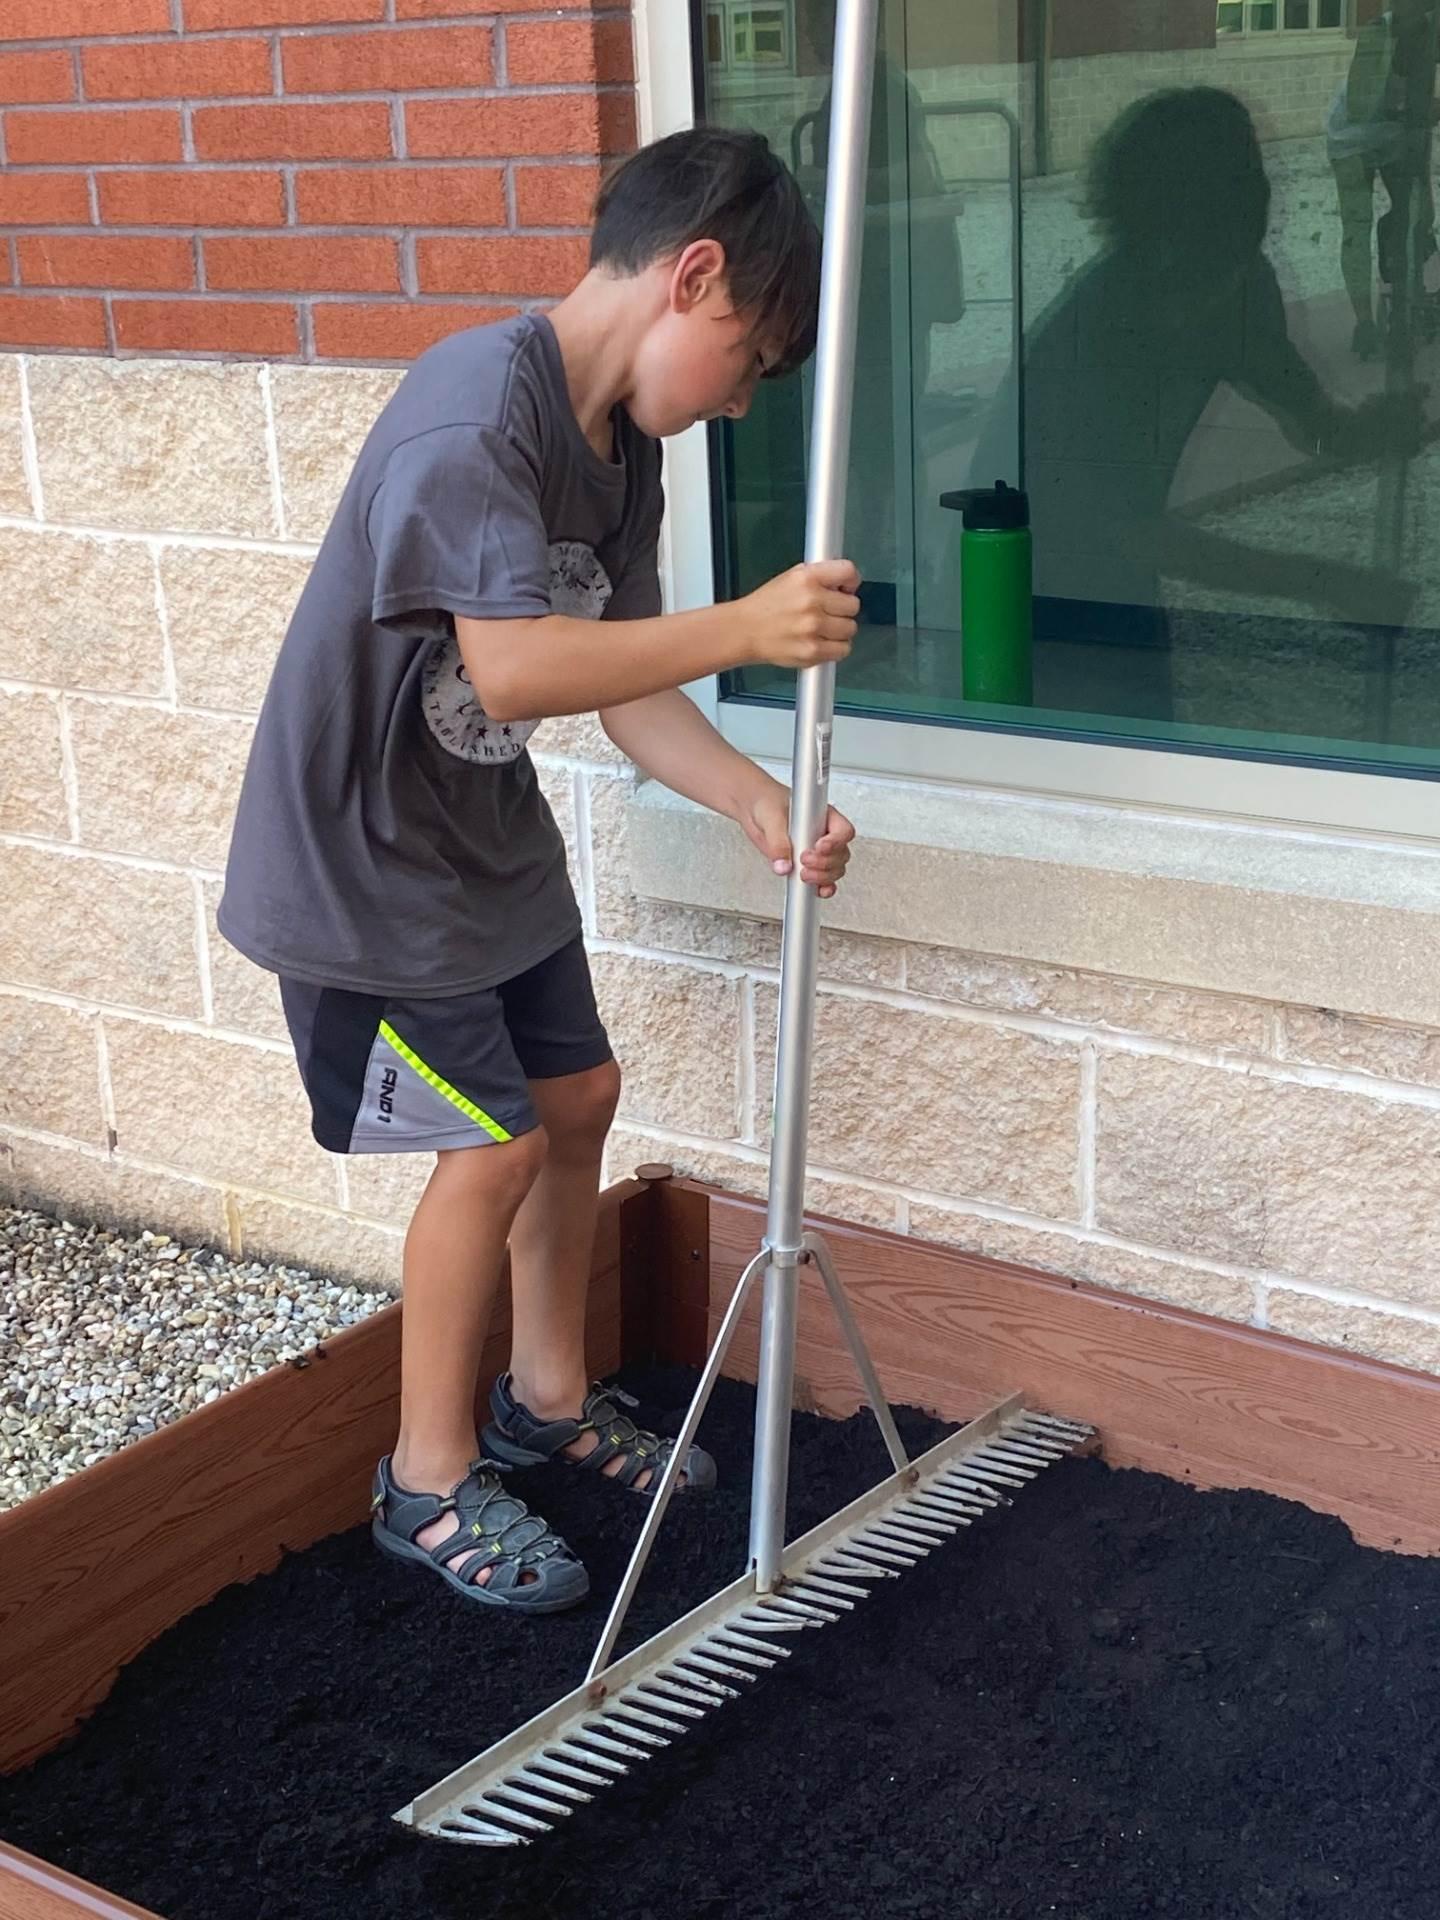 scout raking